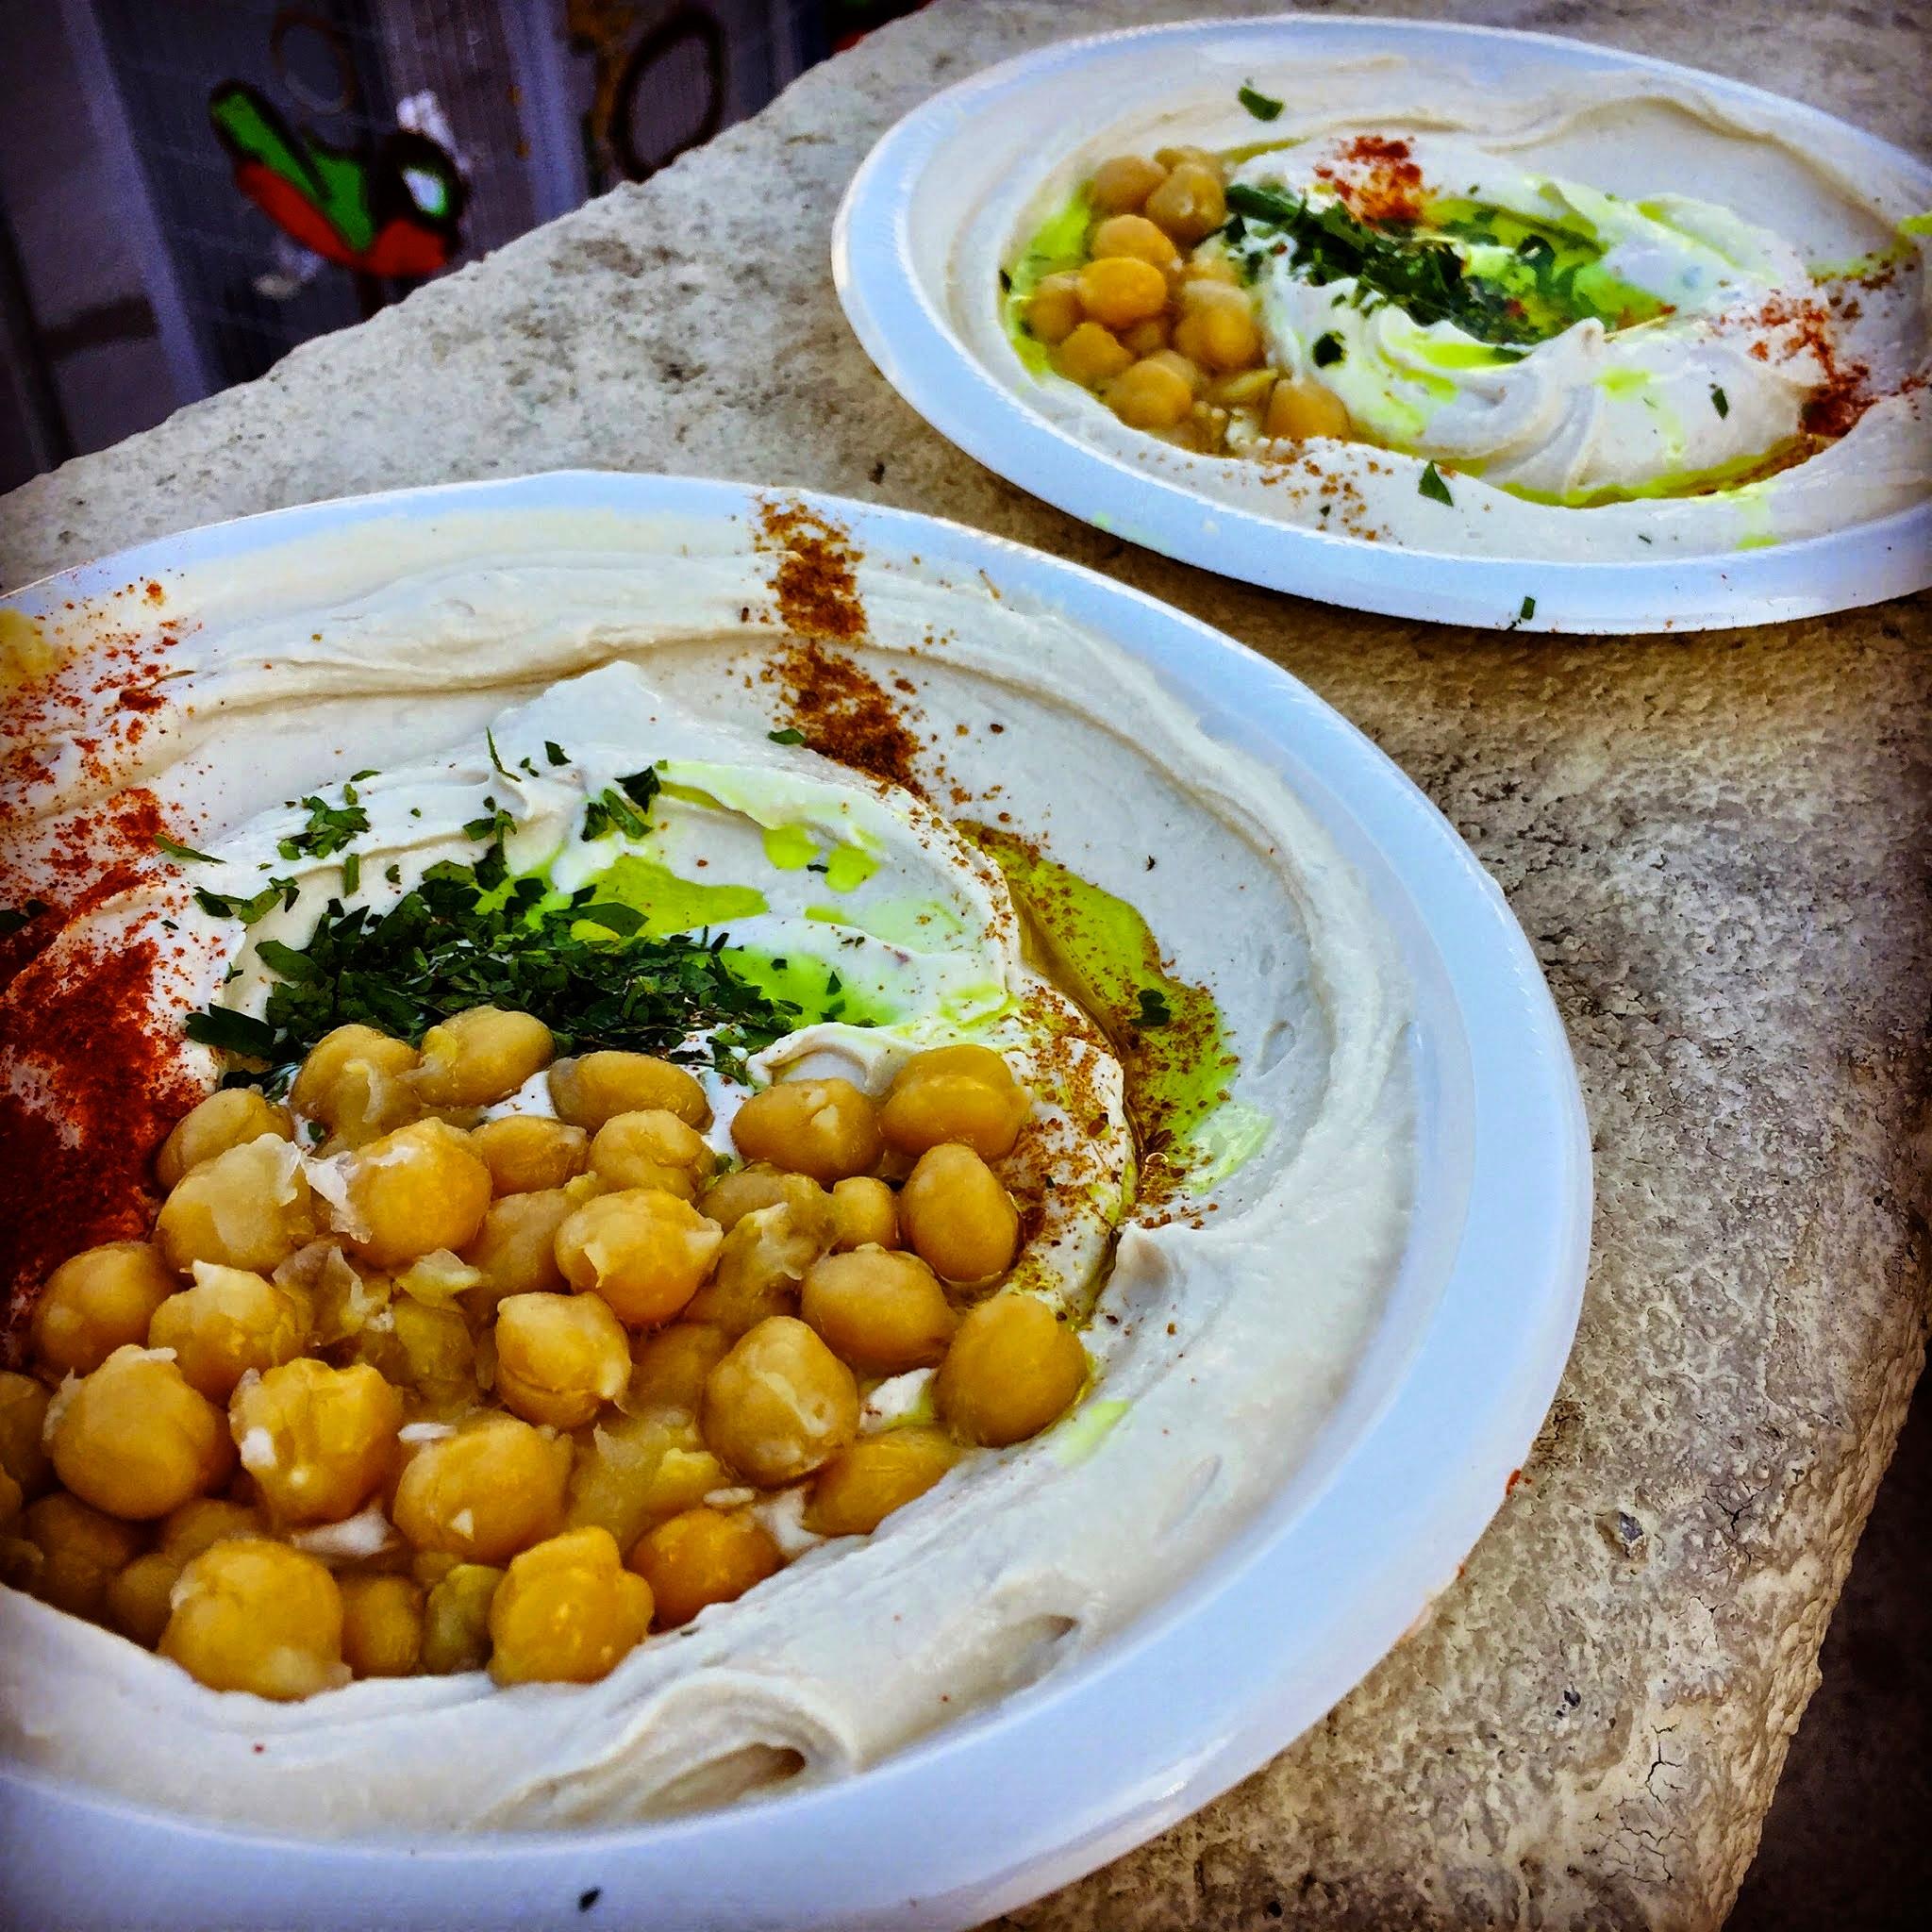 TST_culinaryadventures_Israel_hummus_photo#3.jpeg